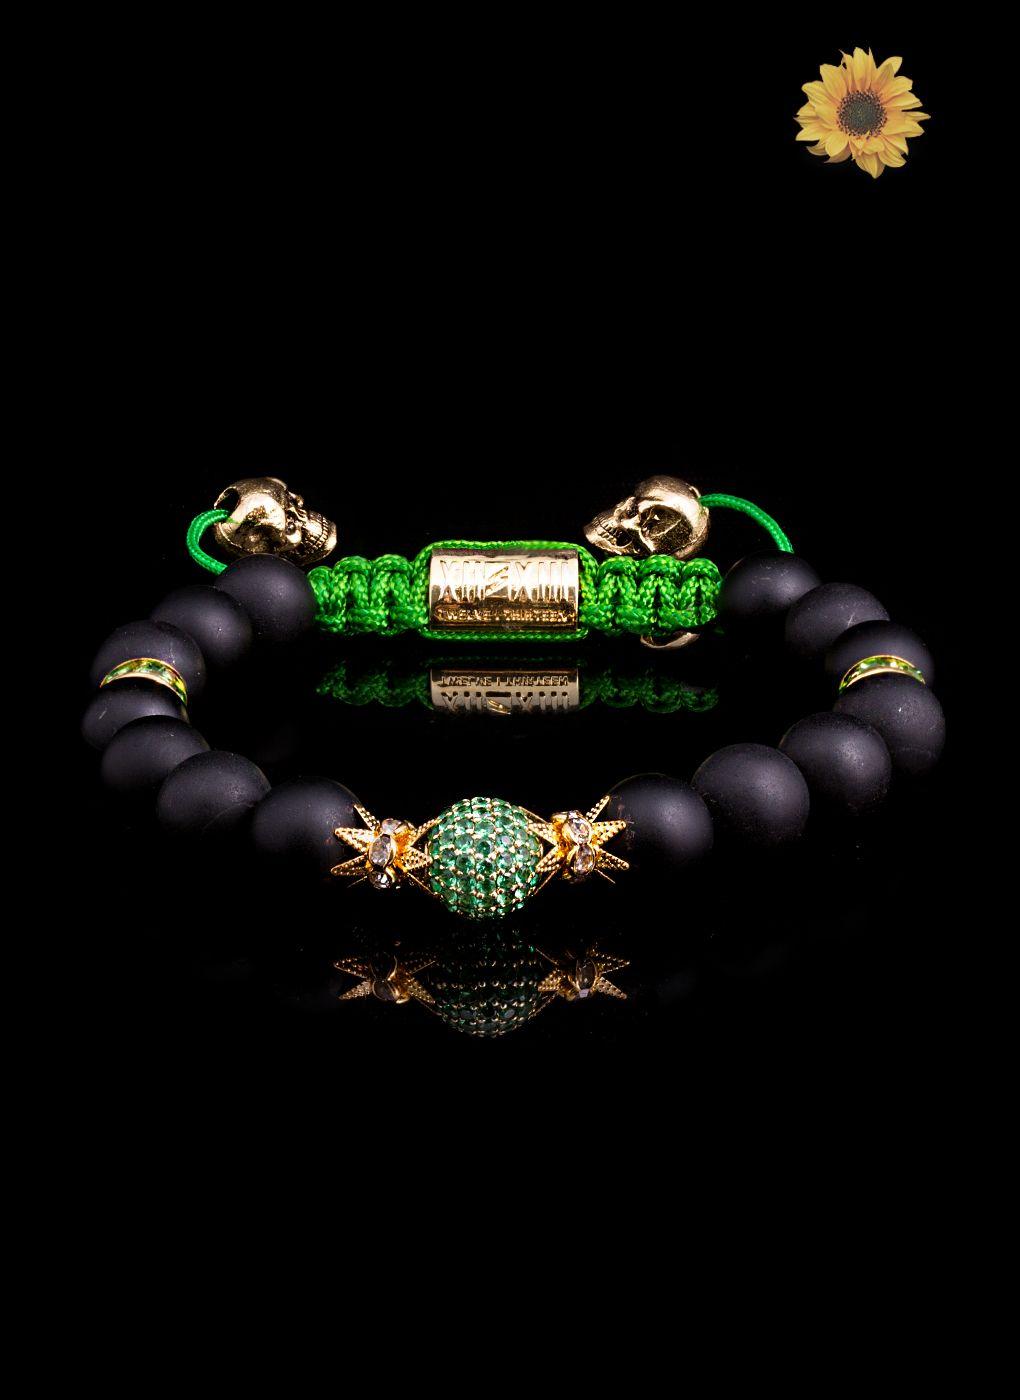 Green Destiny #green #destiny - http://www.twelvethirteen.com/summer-collection